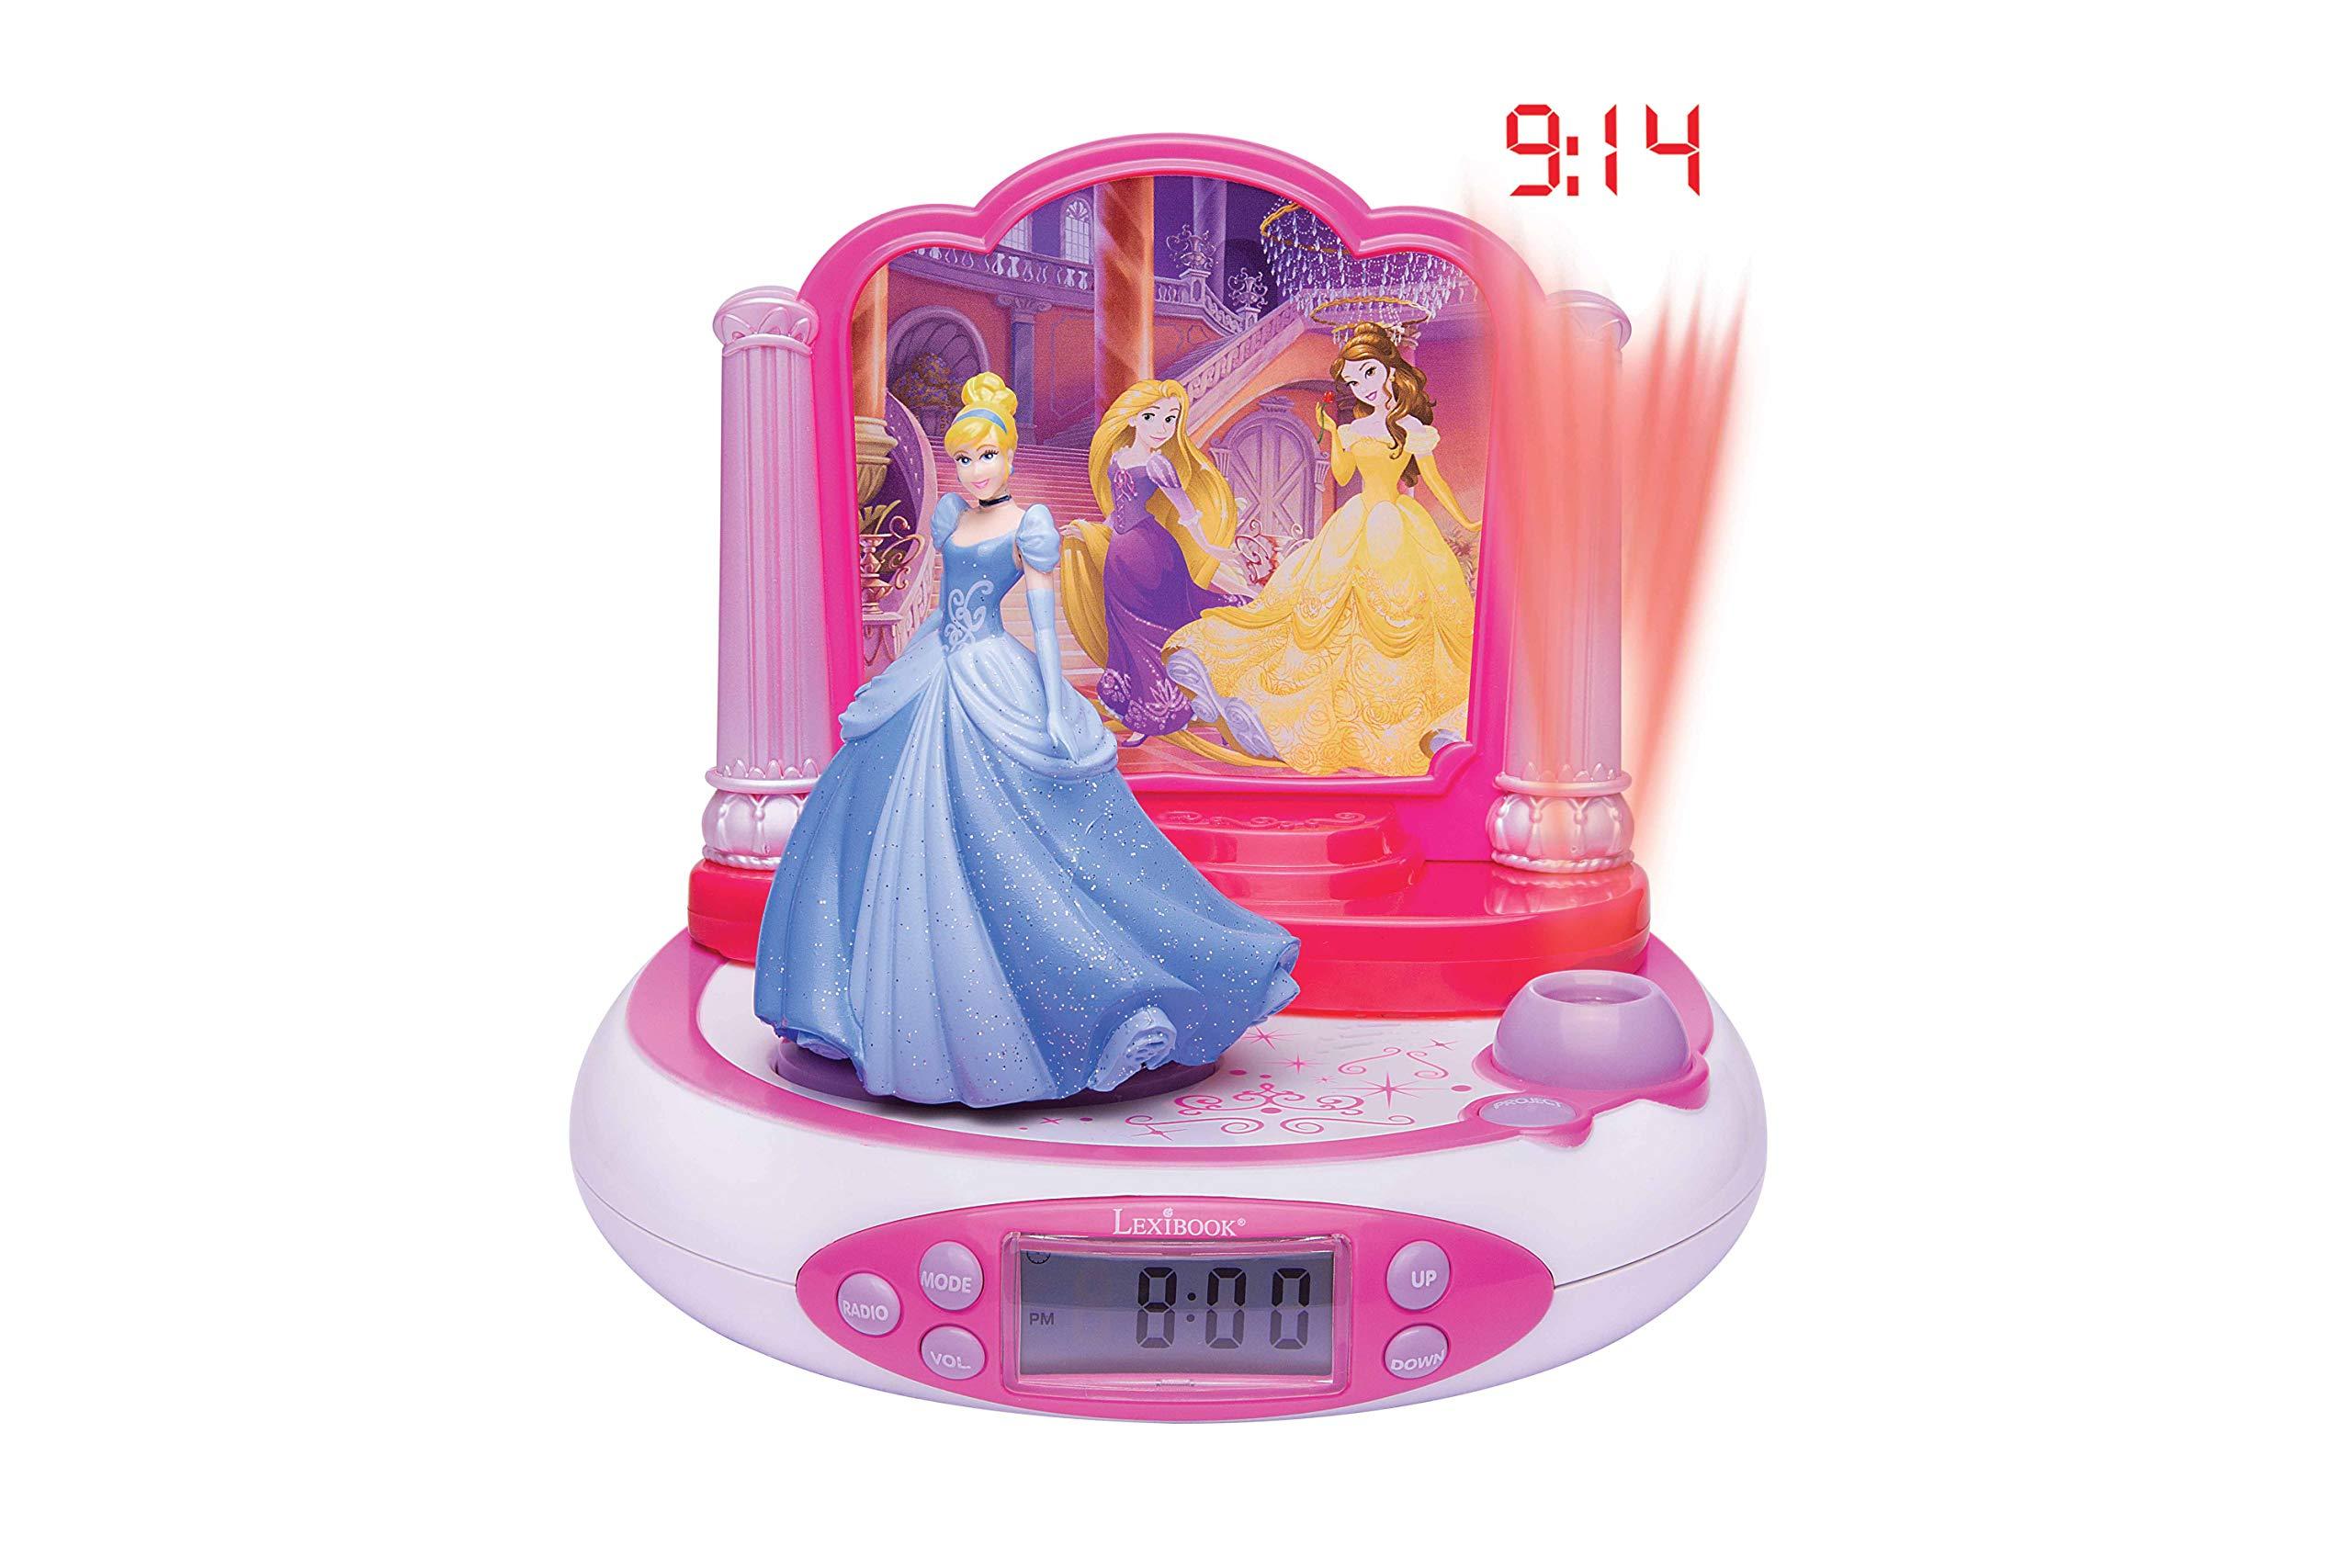 Disney RP510DP Radio Despertador con Proyección de la Hora, Rosa ...